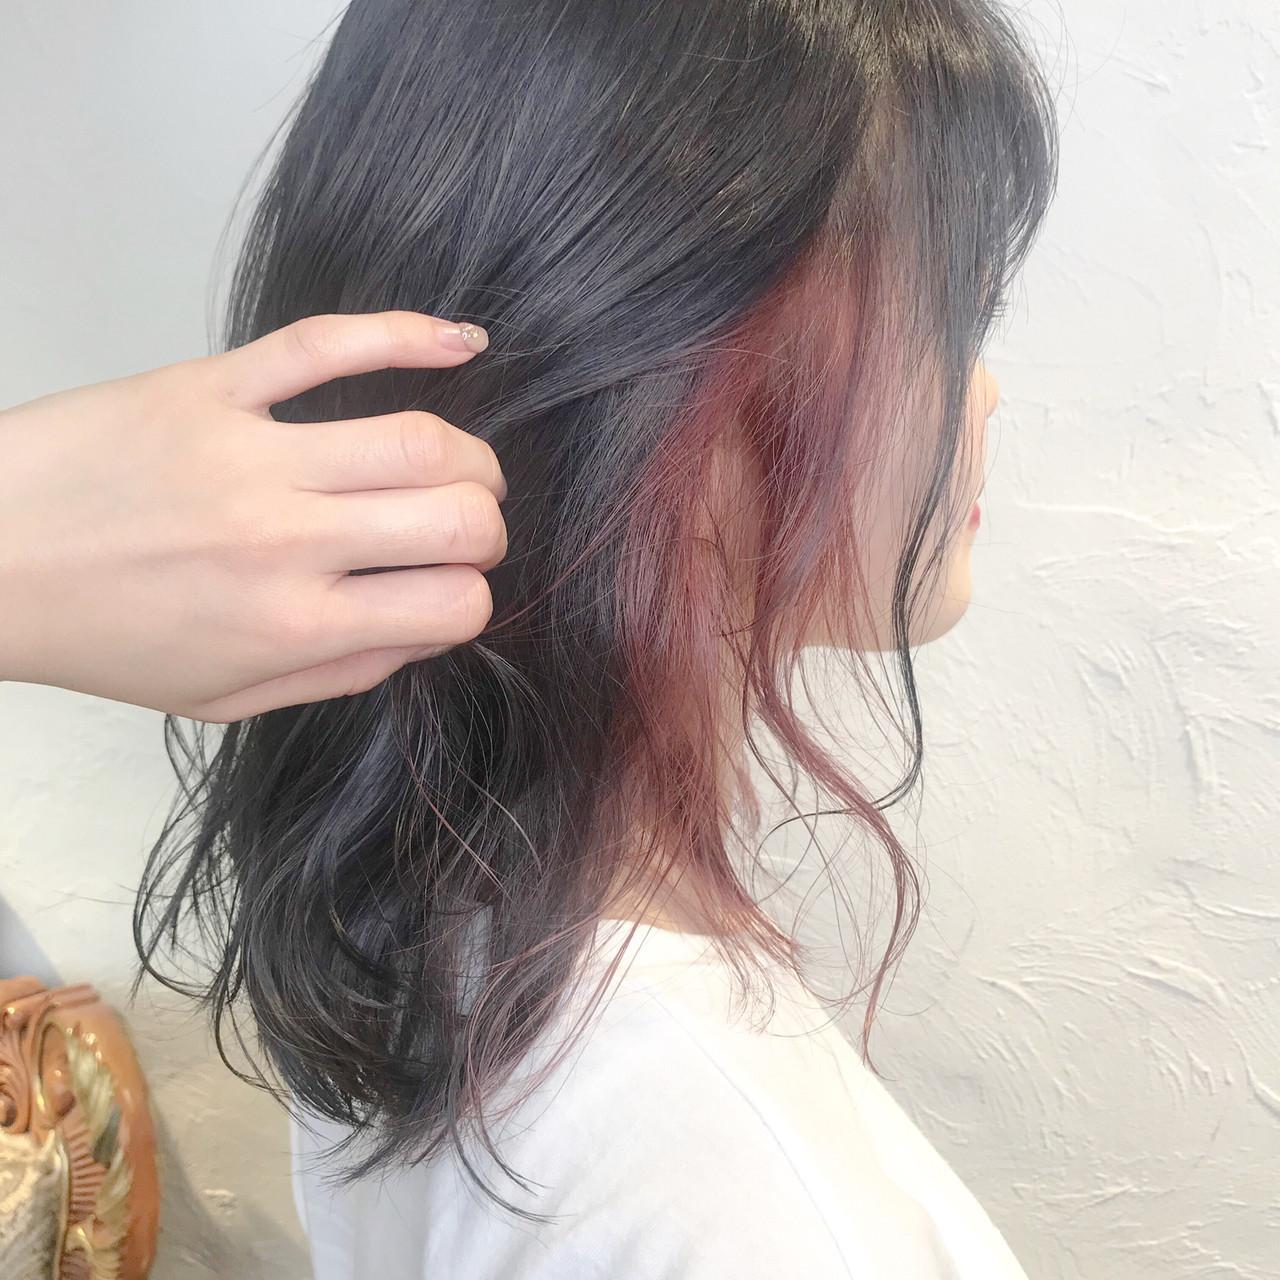 モード ミルクティーベージュ オレンジベージュ ミルクグレージュ ヘアスタイルや髪型の写真・画像